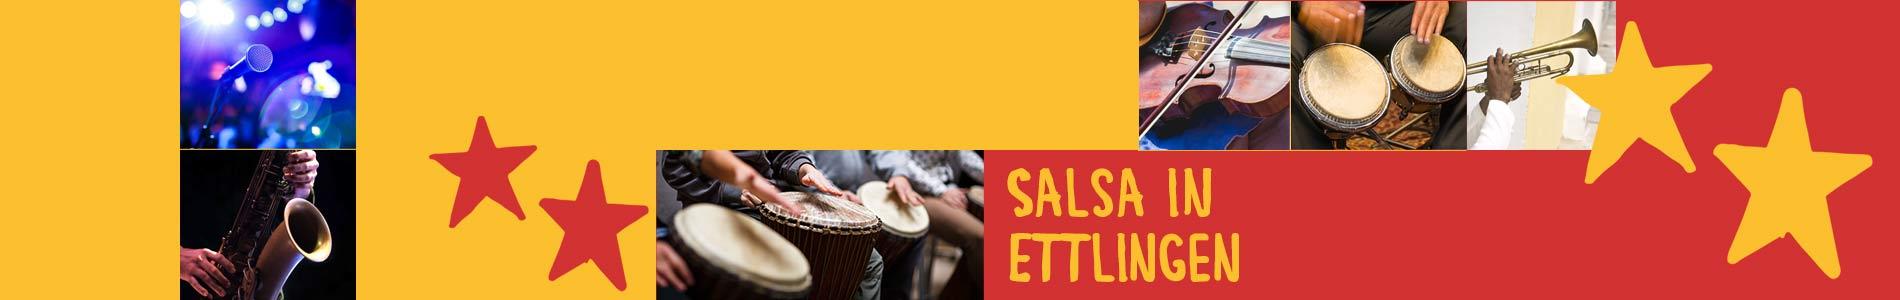 Salsa in Ettlingen – Salsa lernen und tanzen, Tanzkurse, Partys, Veranstaltungen